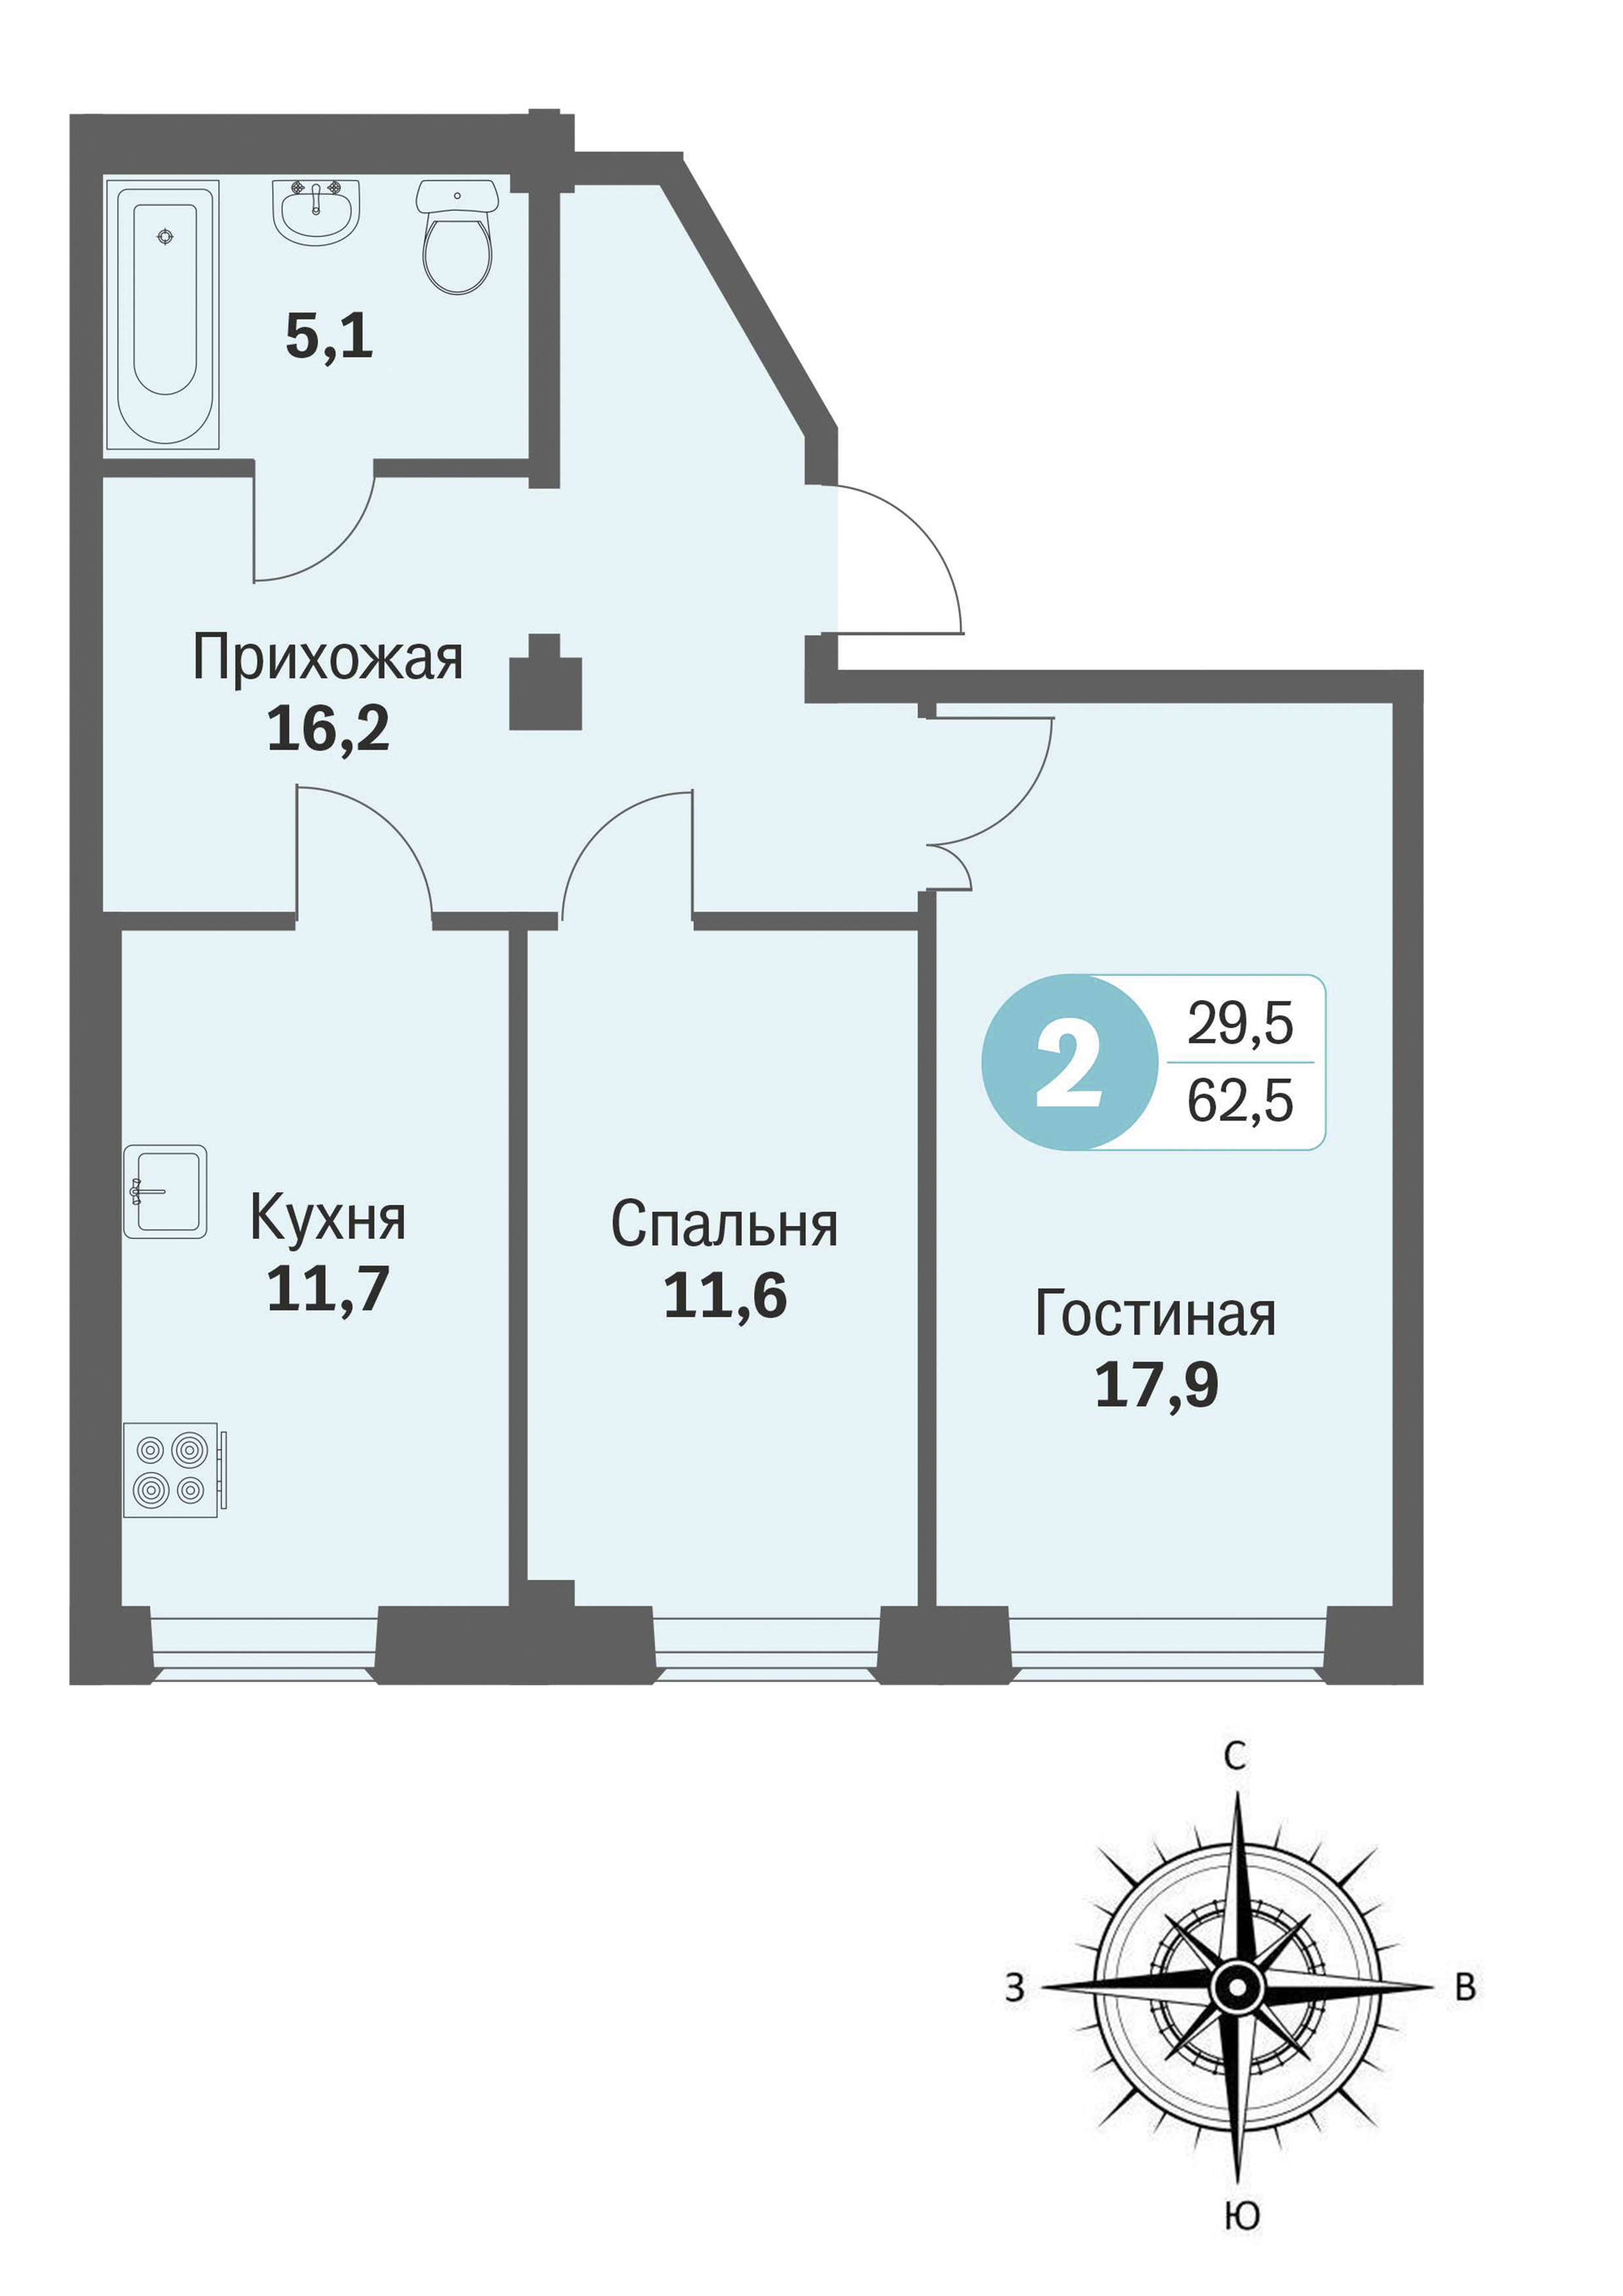 ул. Свиридова, 14, квартира 394 - Двухкомнатная